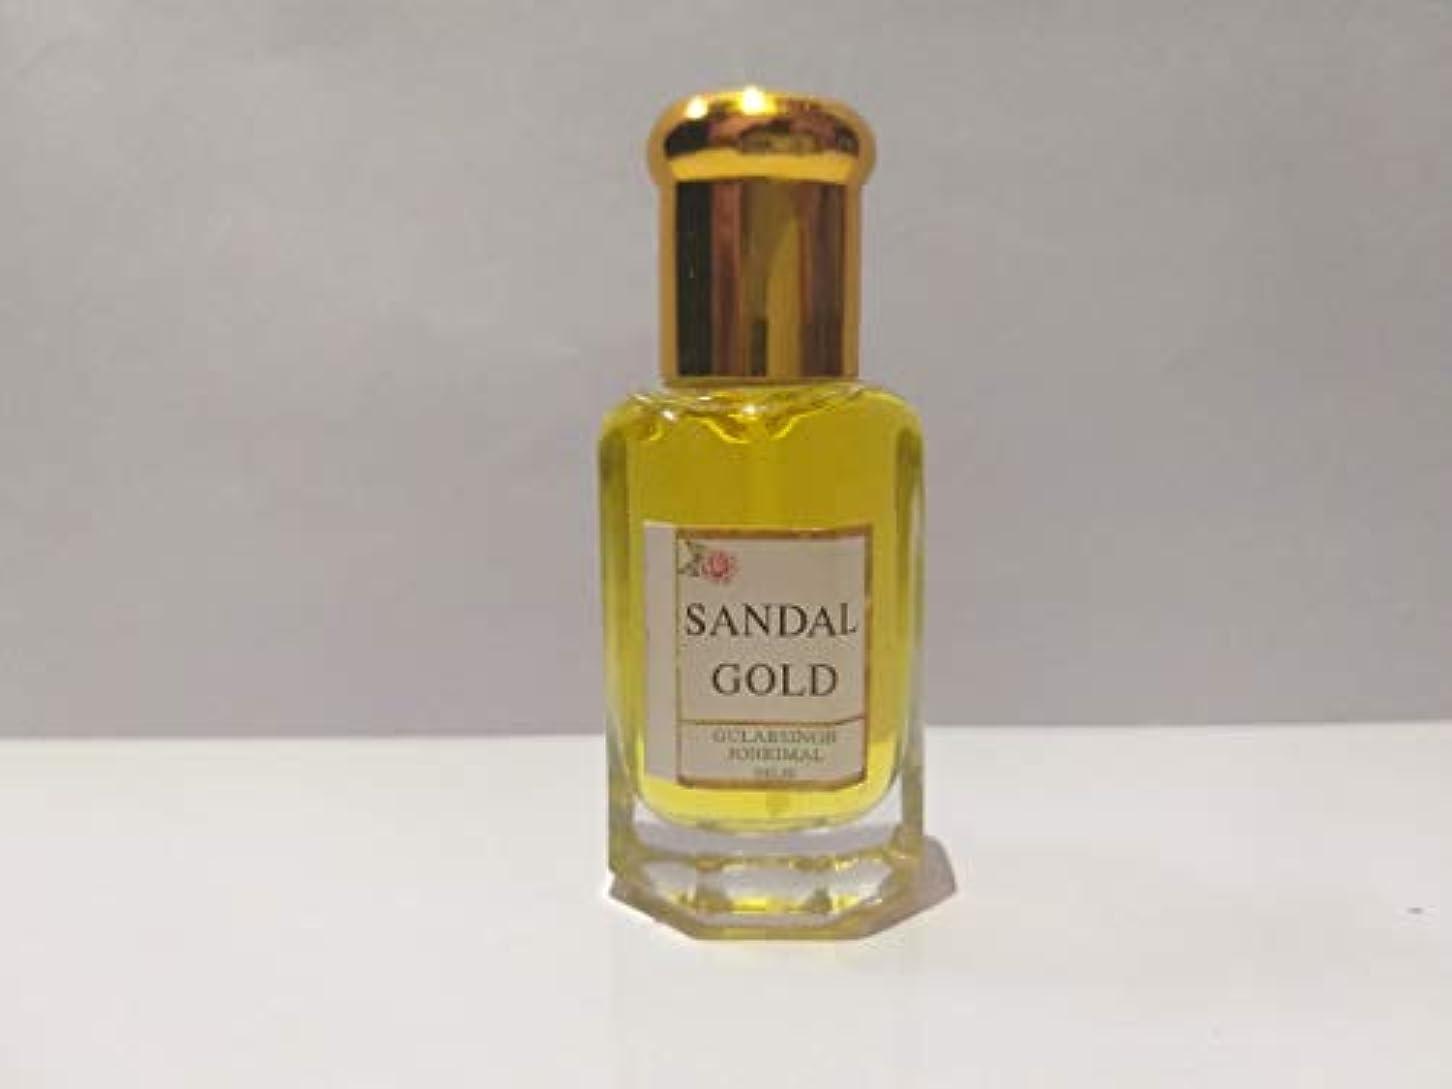 気質優雅ホステルSandal/白檀 / Chandan Attar/Ittar concentrated Perfume Oil - 10ml Beautiful Aroma